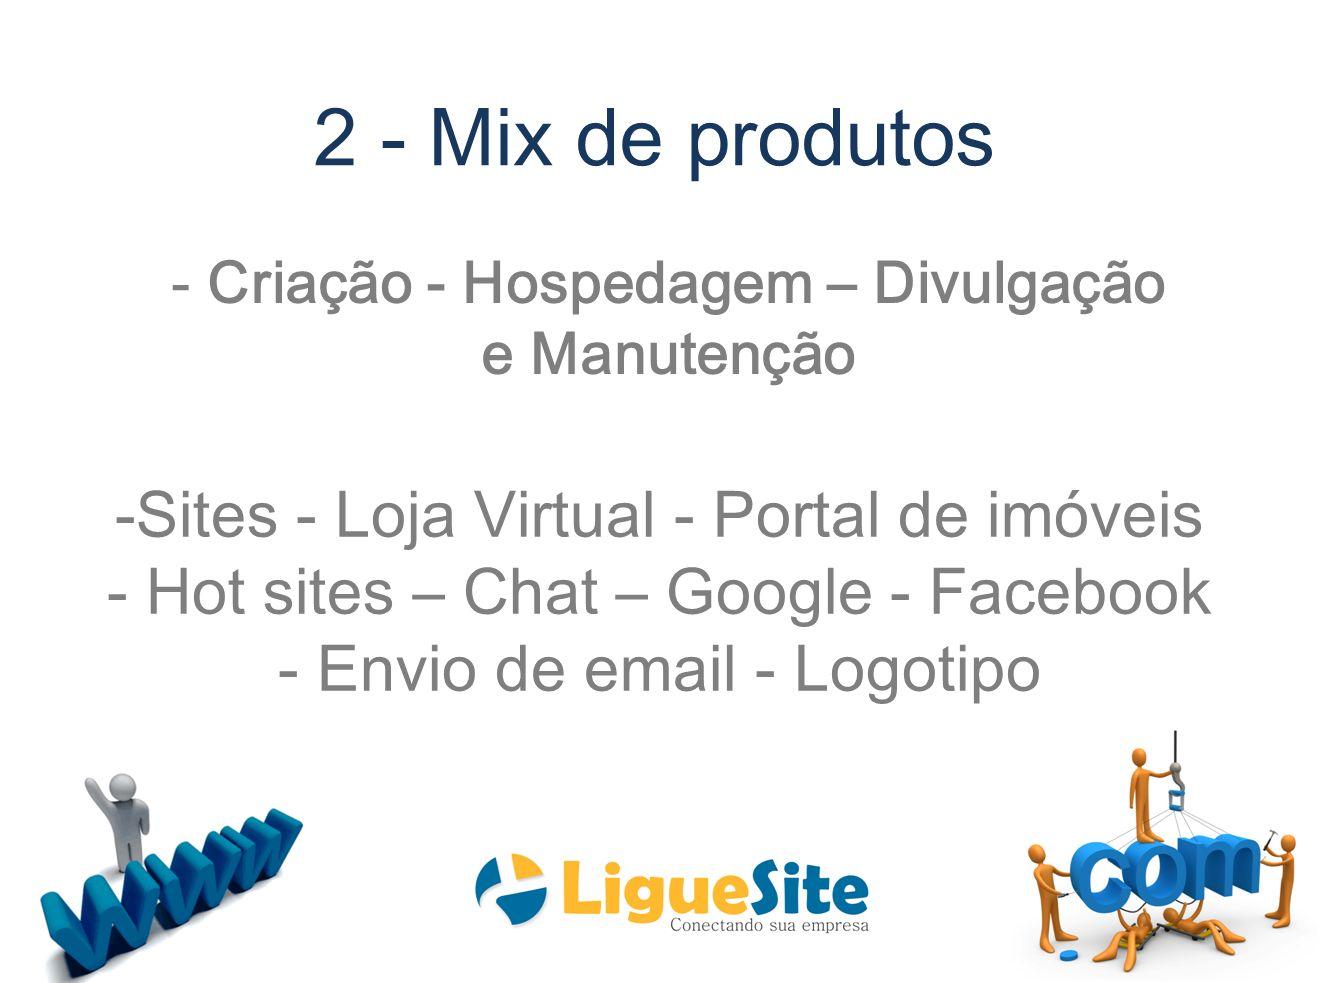 2 - Mix de produtos -Sites - Loja Virtual - Portal de imóveis - Hot sites – Chat – Google - Facebook - Envio de email - Logotipo - Criação - Hospedage